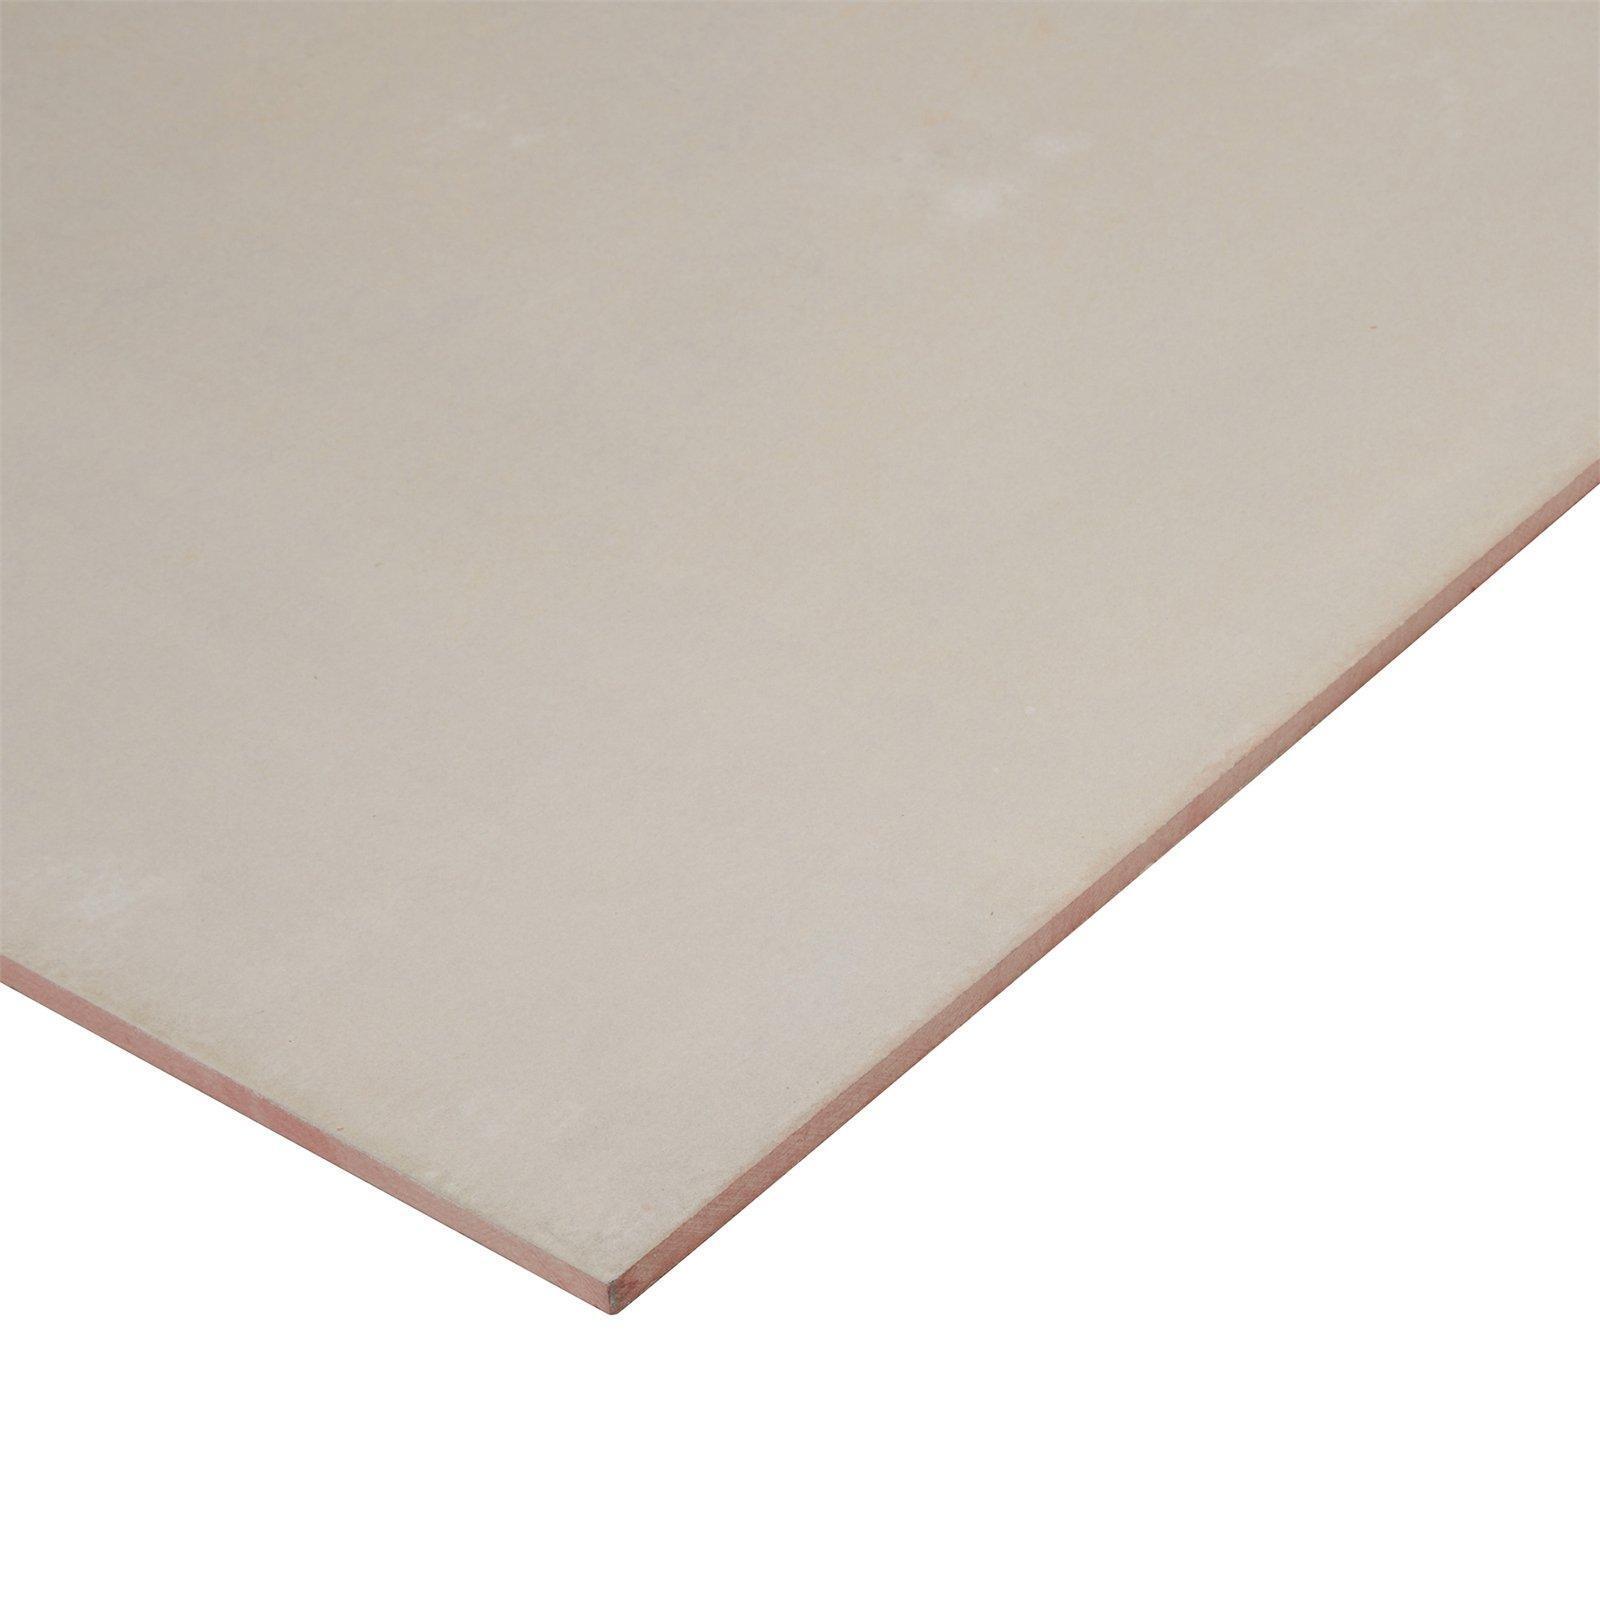 BGC Duragrid Facade Sheet 1190x1190x9mm